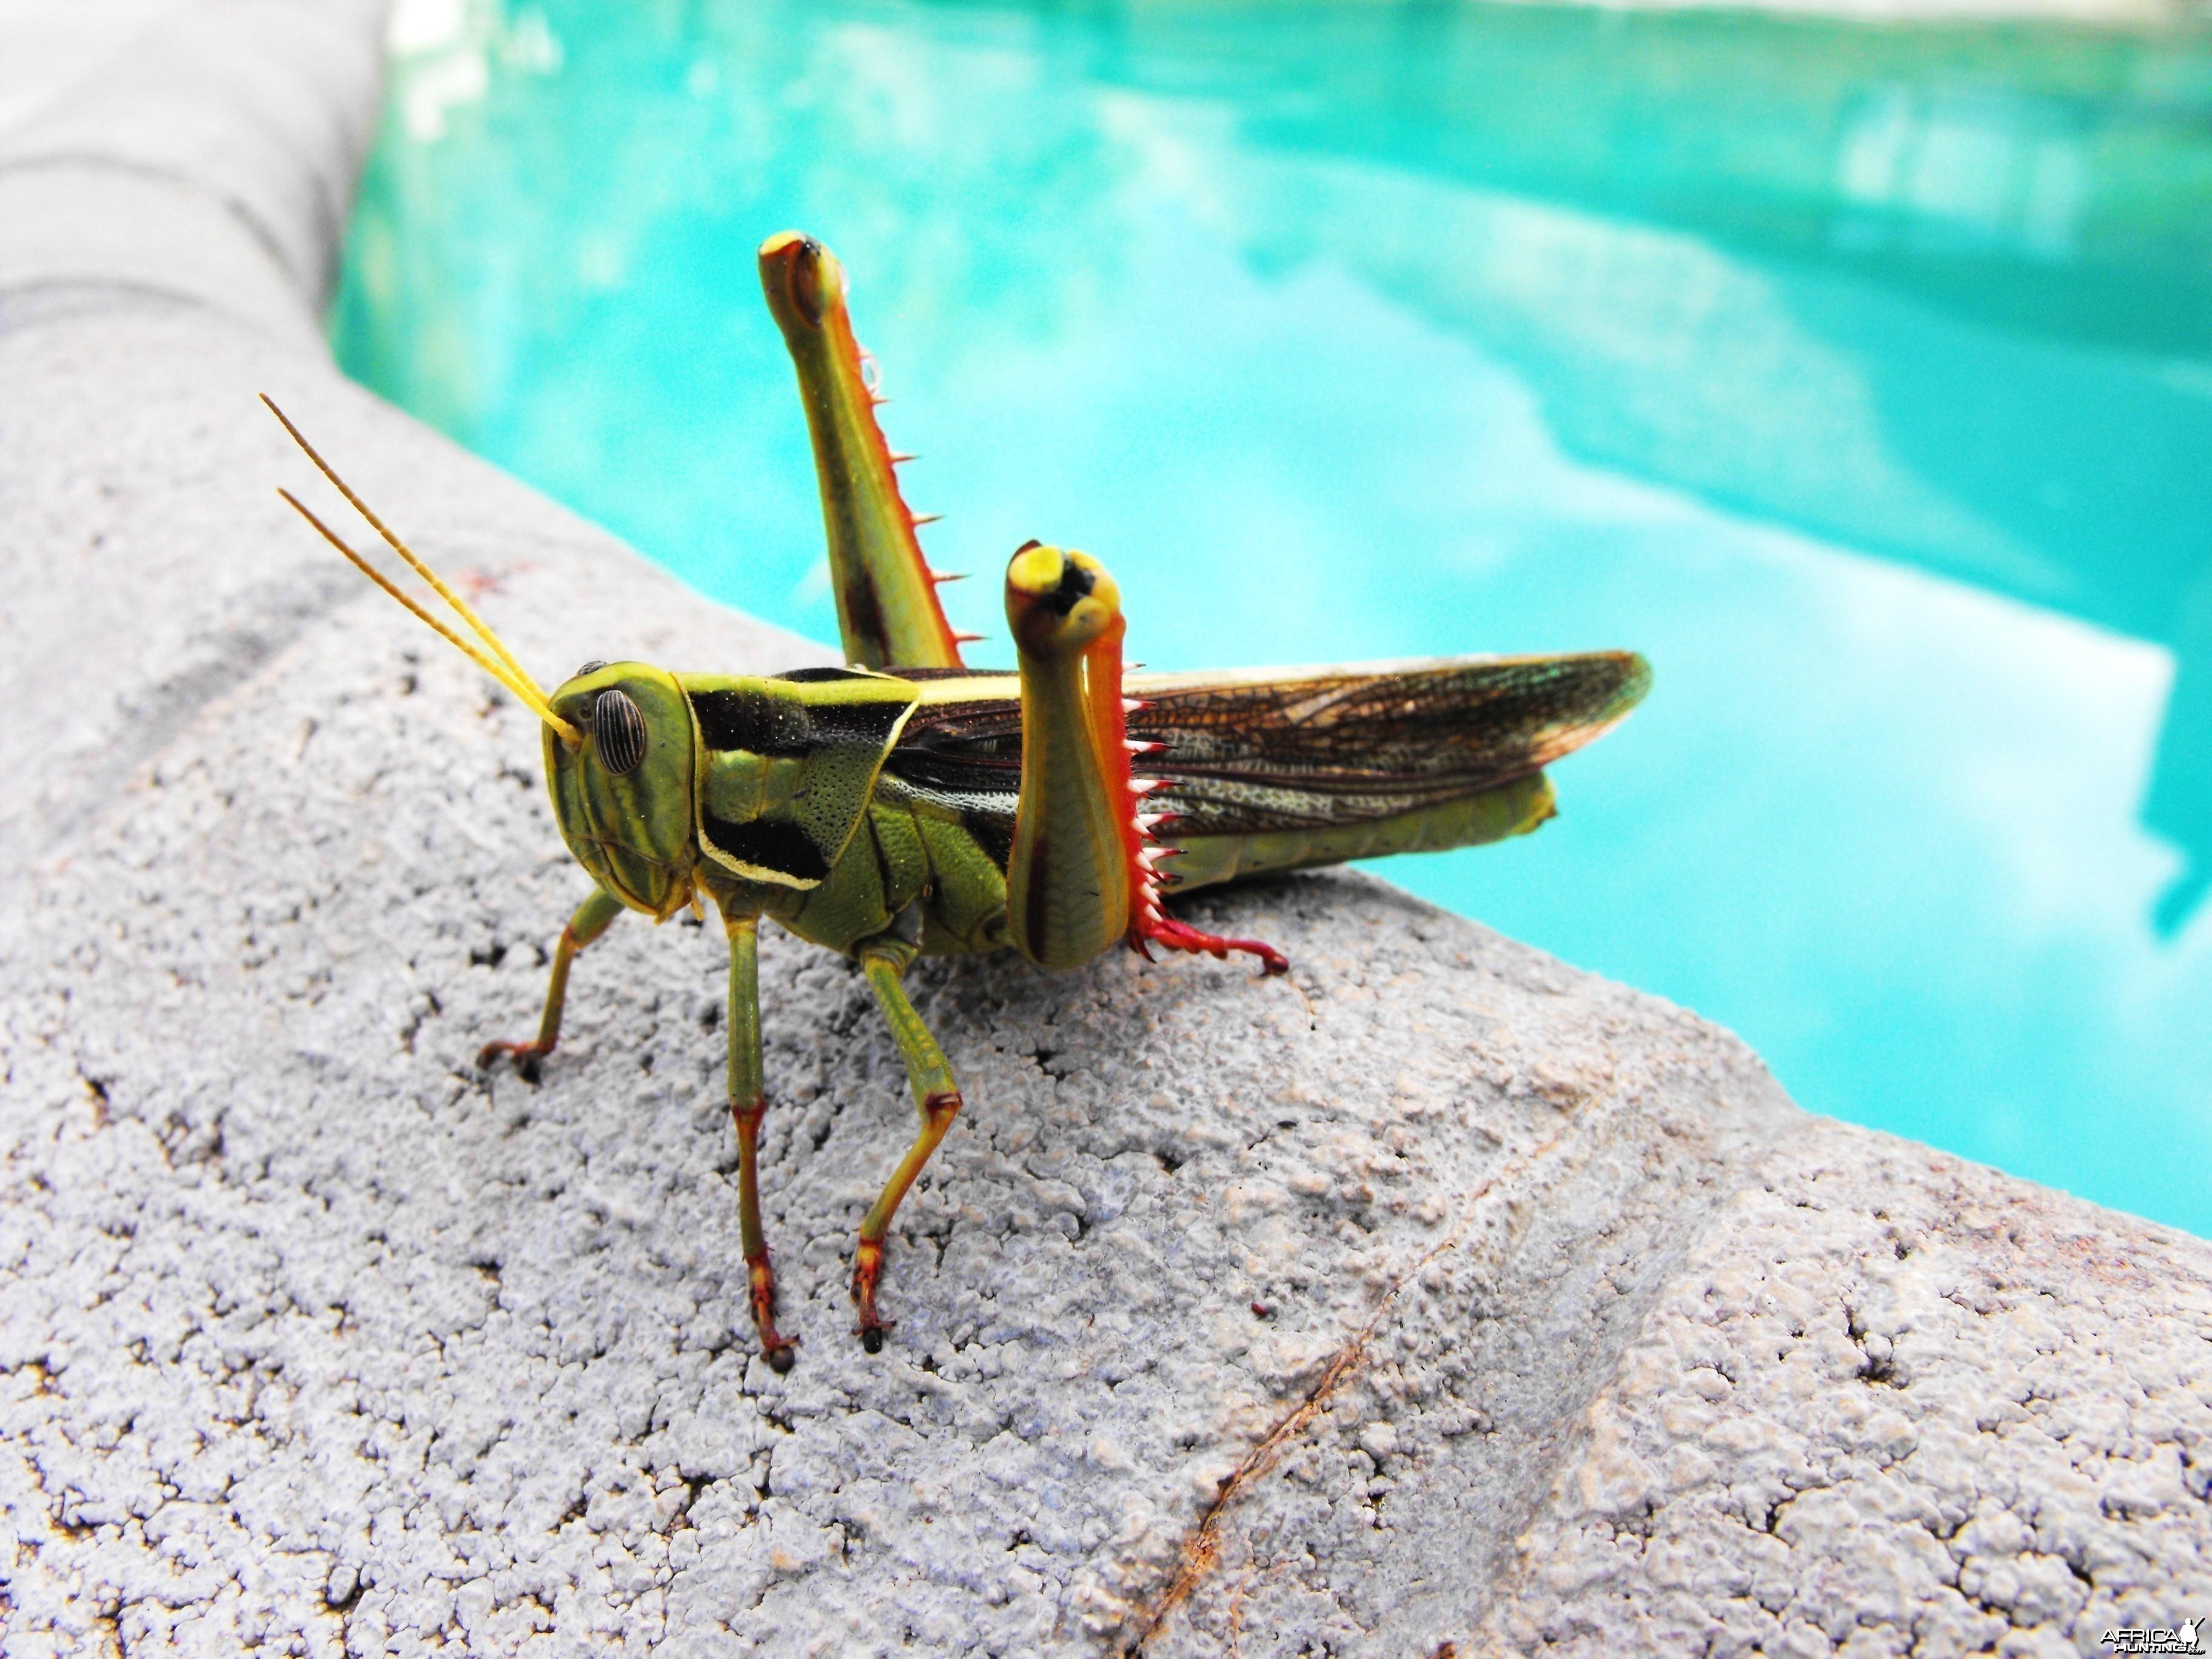 Monster grasshopper by the ppol